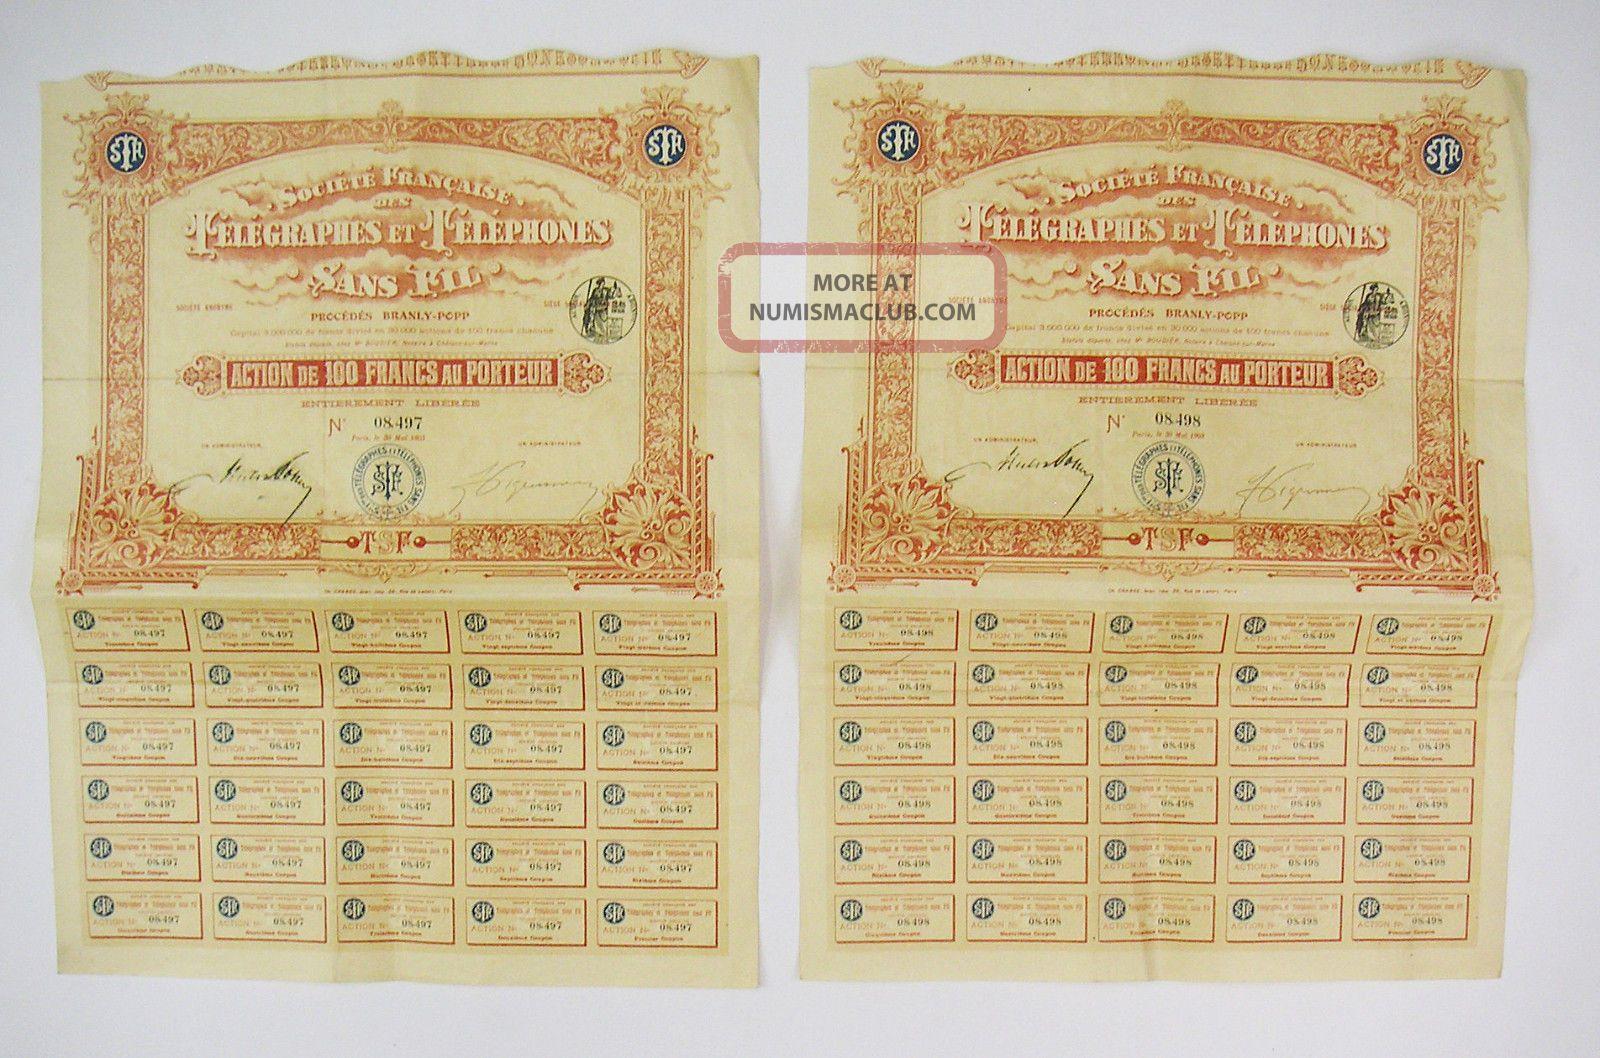 France 1903 - Sté Française Des Télégraphes Et Téléphones Sans Fil (x2) Stocks & Bonds, Scripophily photo